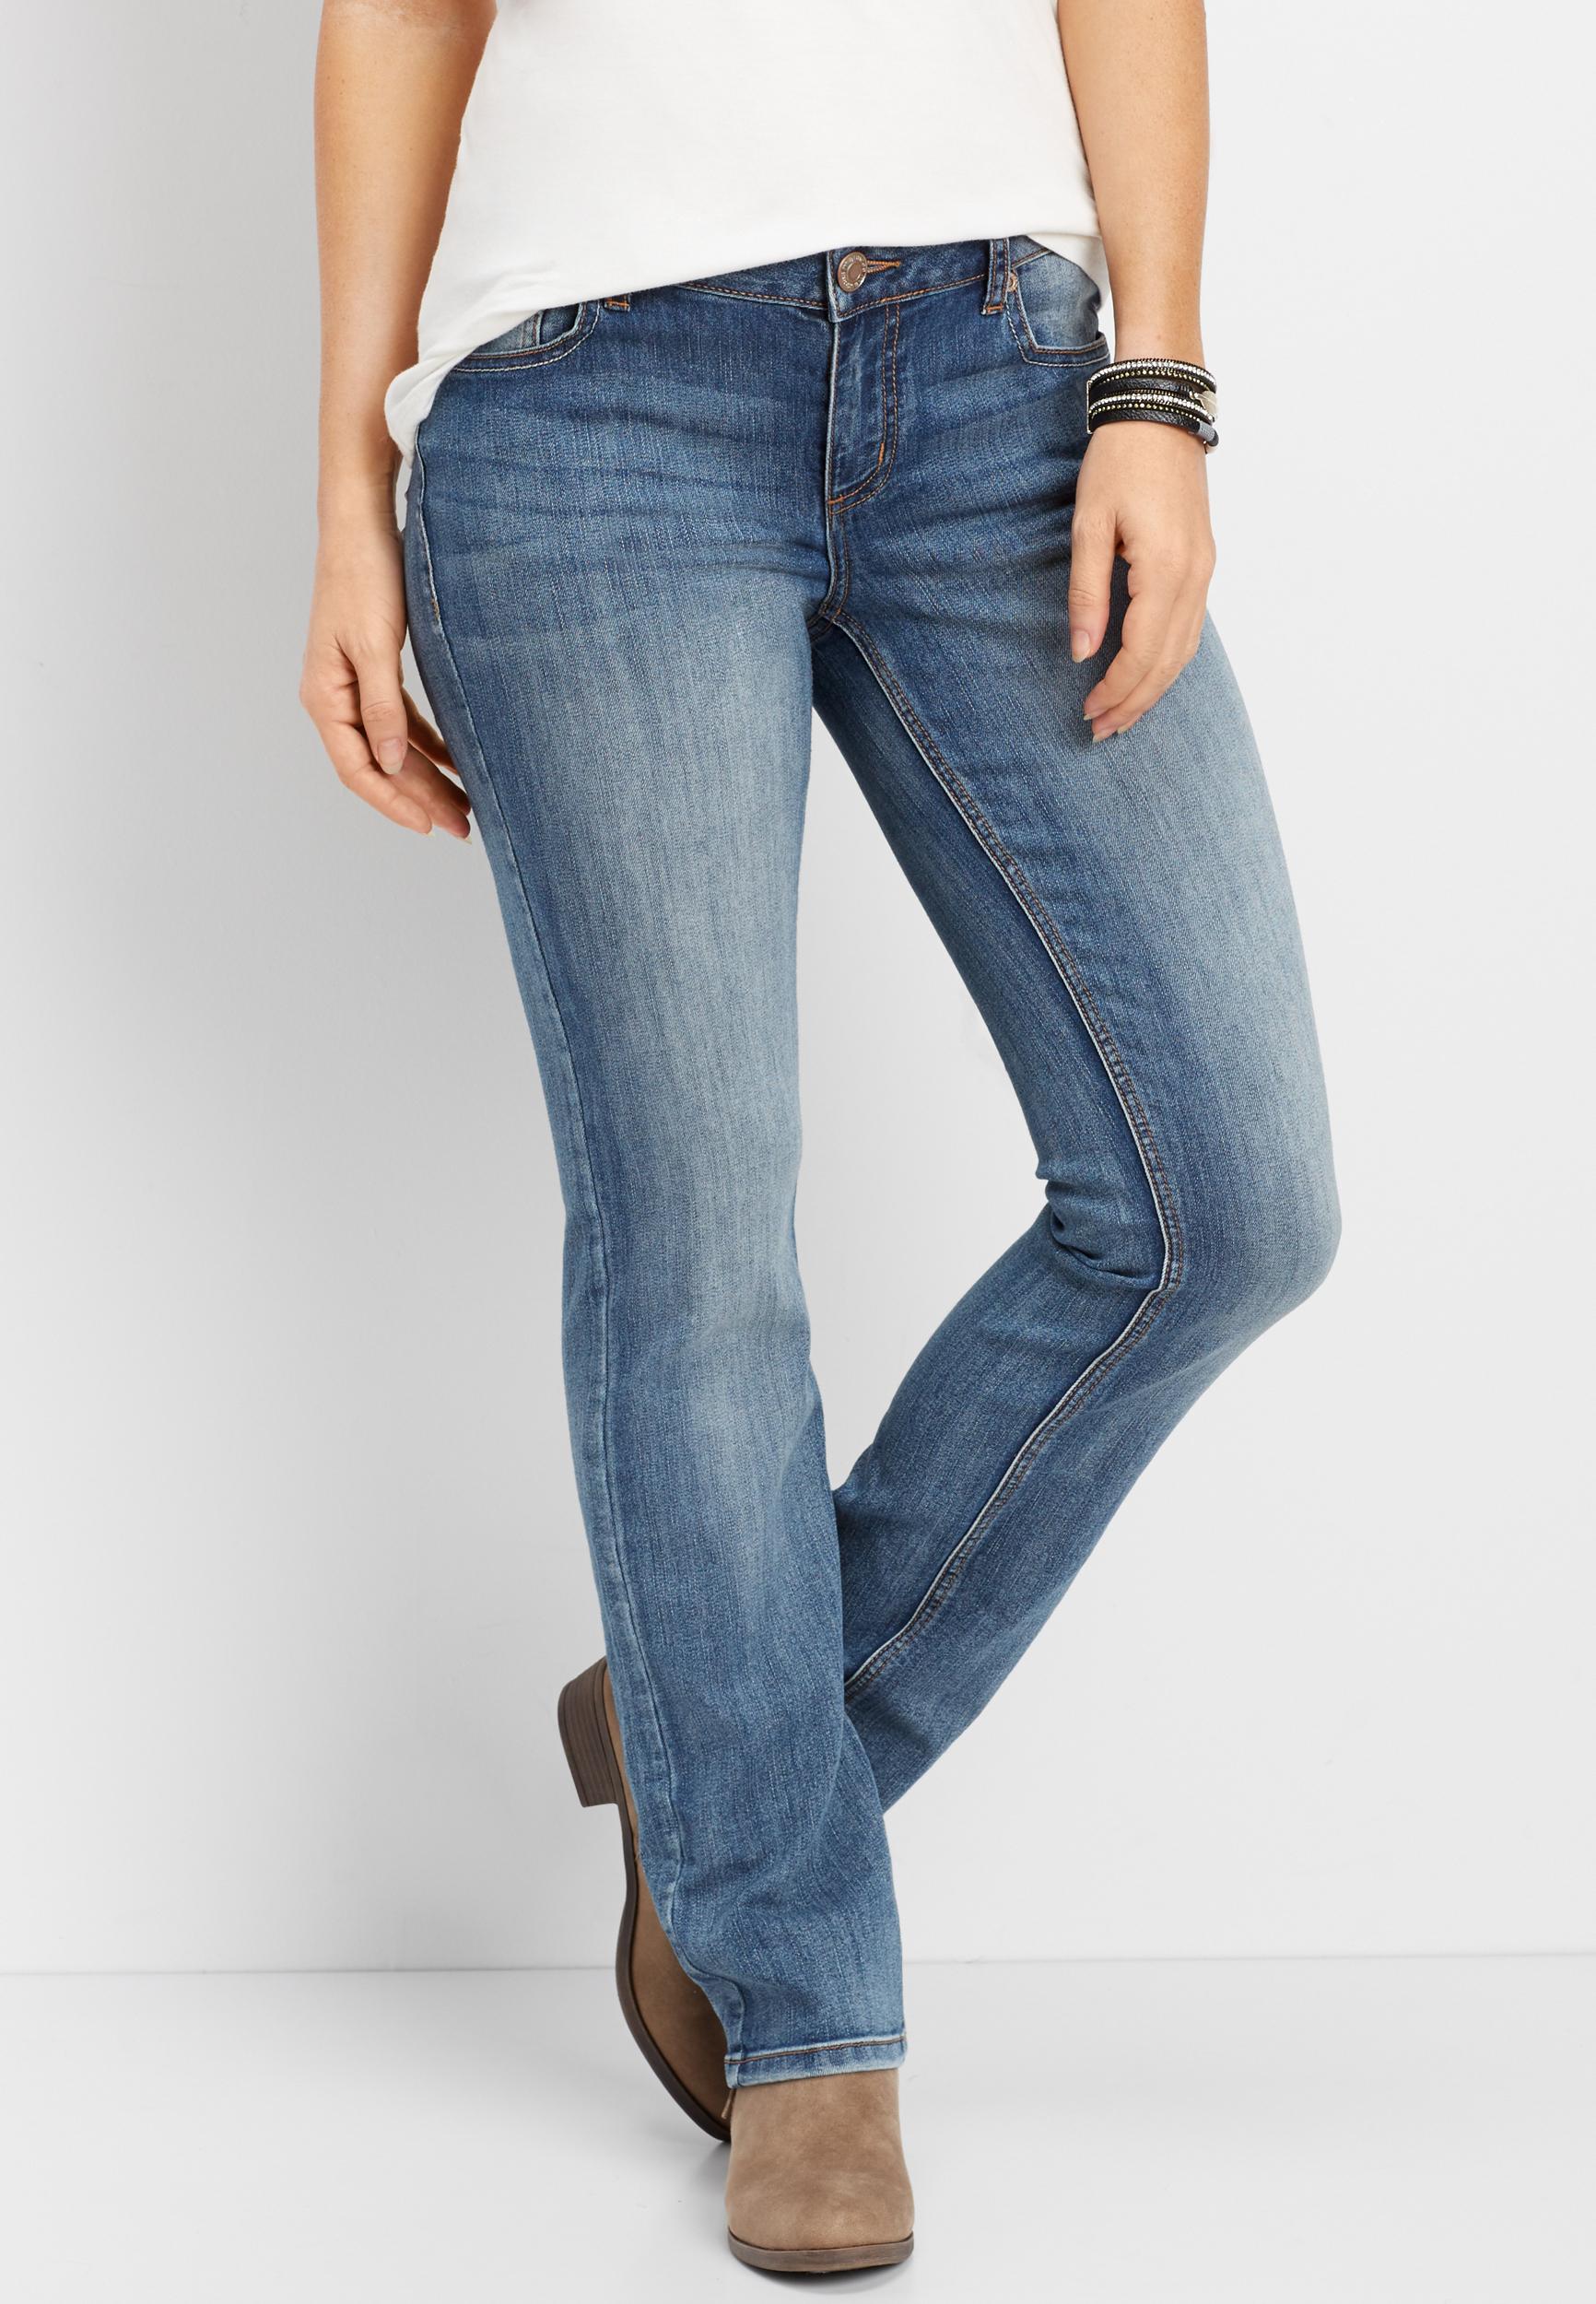 Maurices DenimFlex Medium Wash Straight Jean